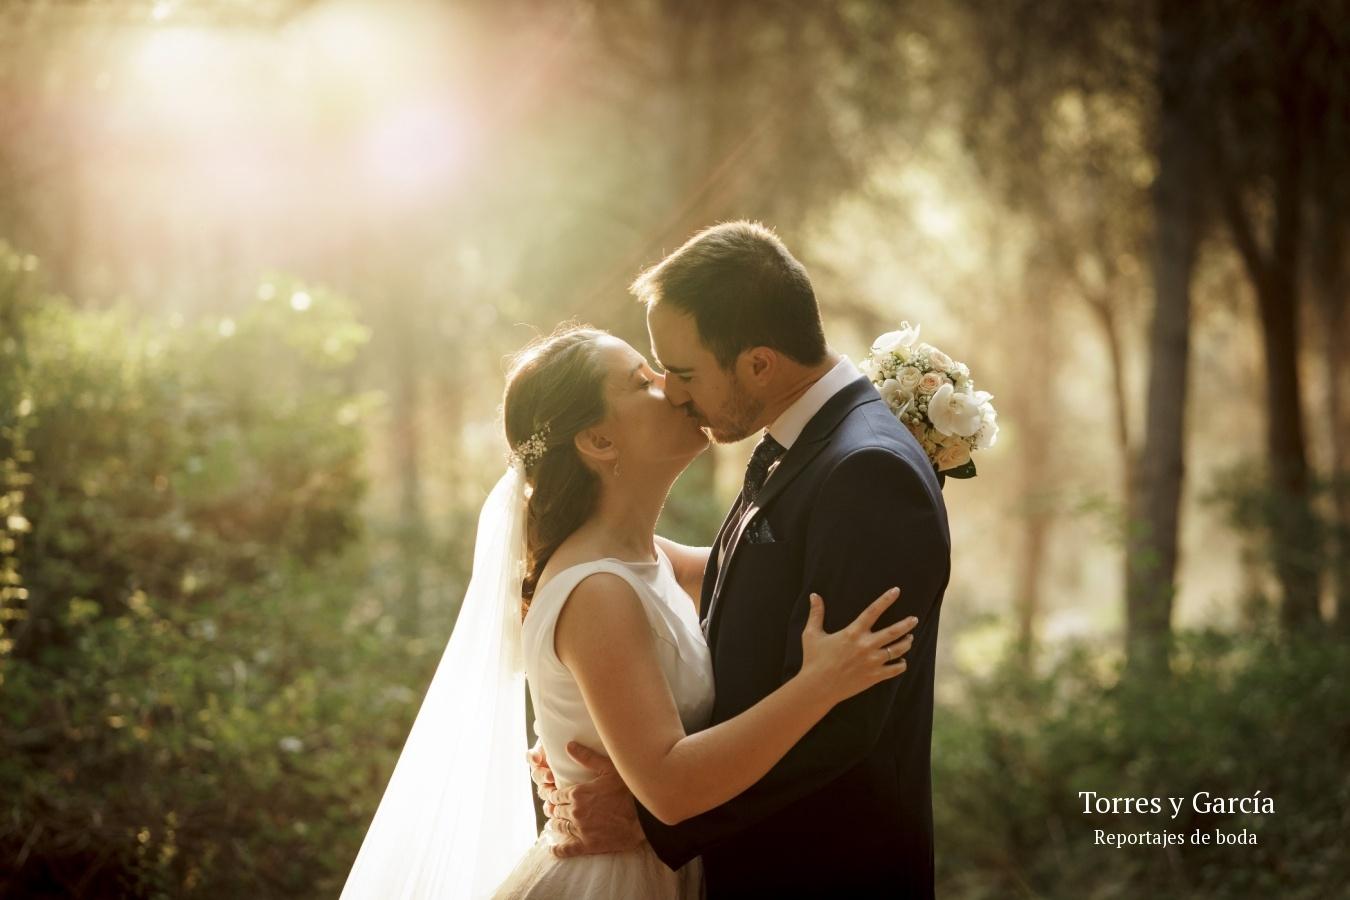 contraluz entre los árboles - Fotografías - Libros y reportajes de boda diferentes.